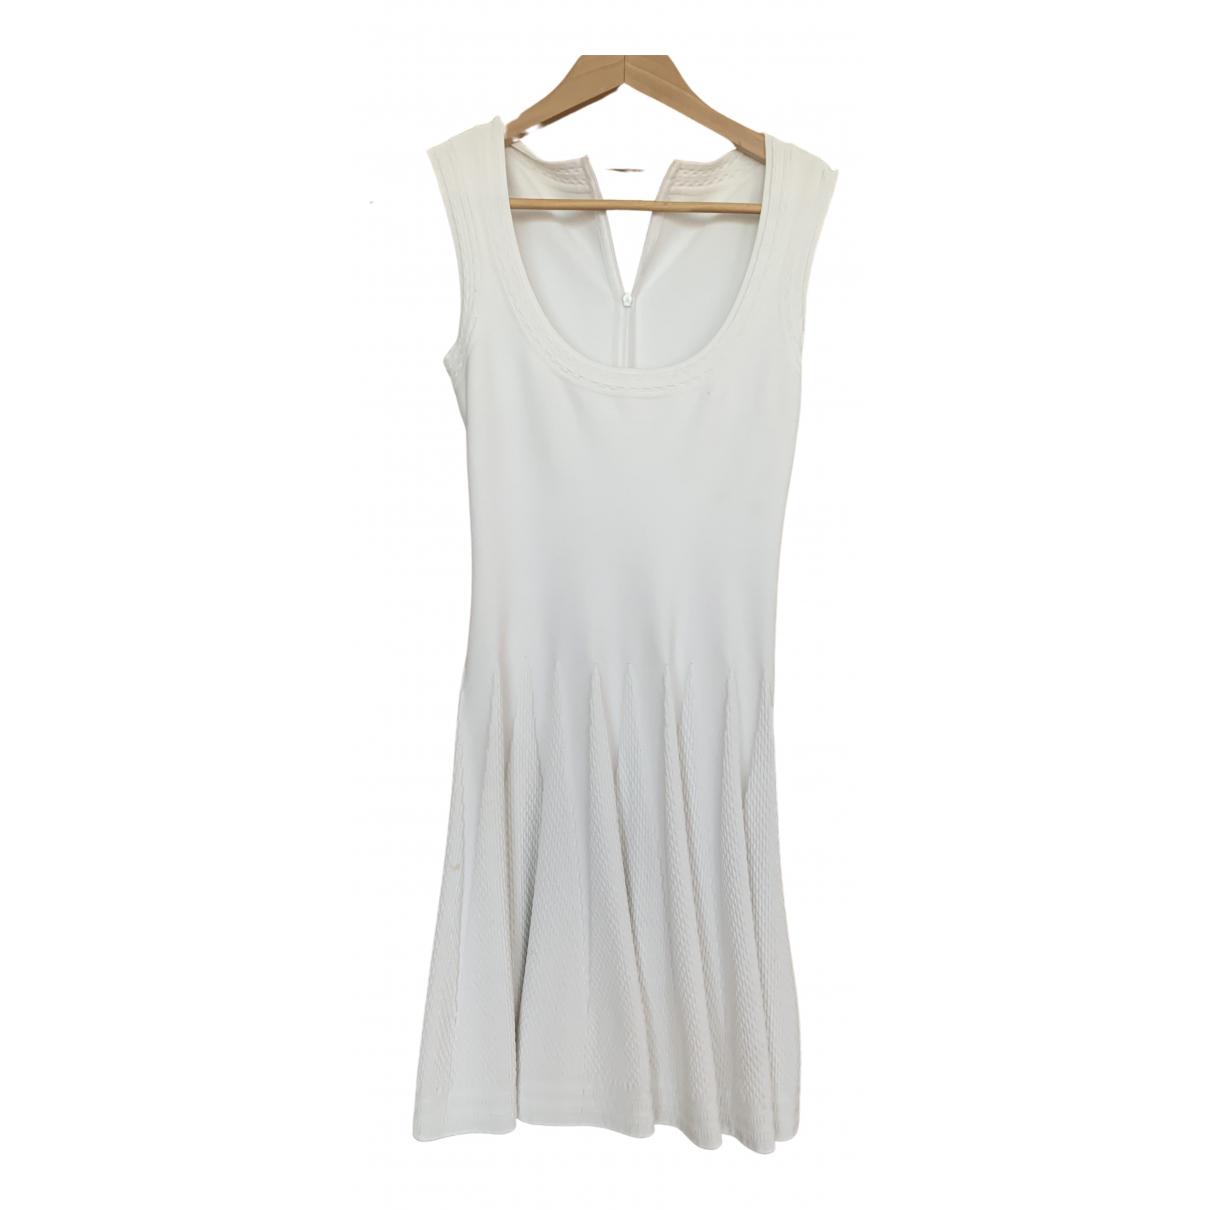 Alaïa \N White dress for Women S International